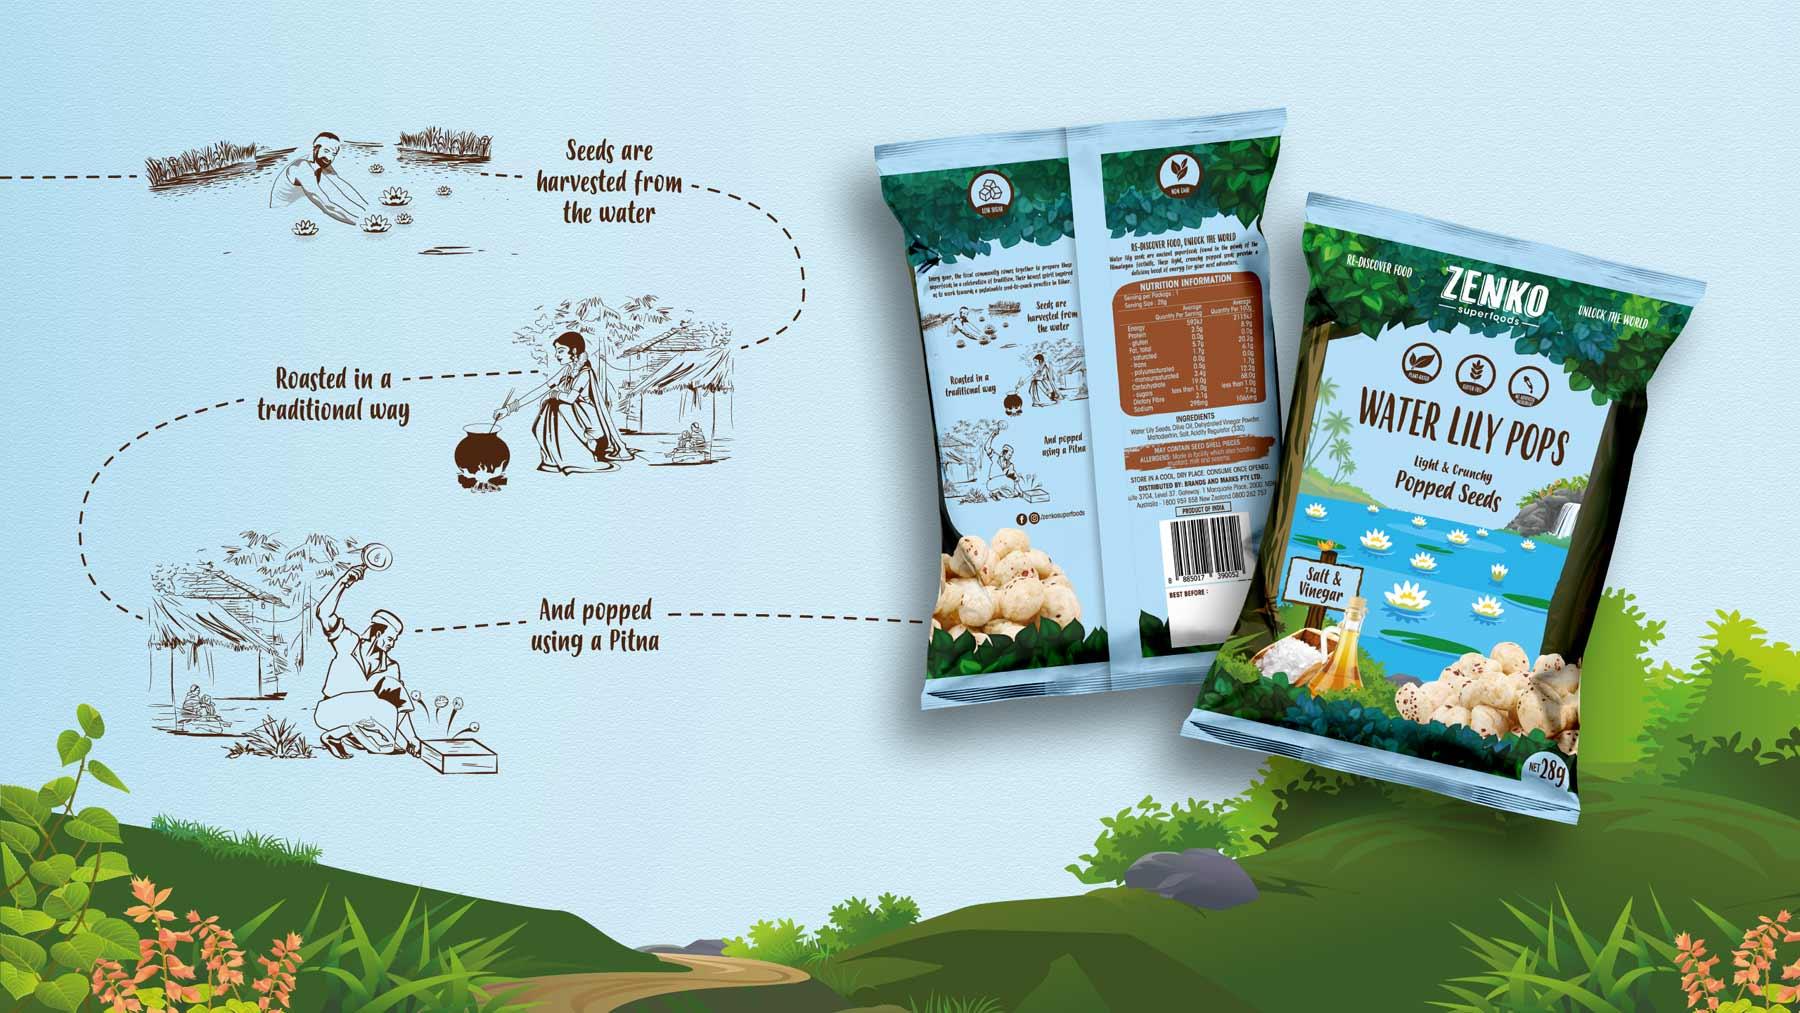 zenko snacks brand story